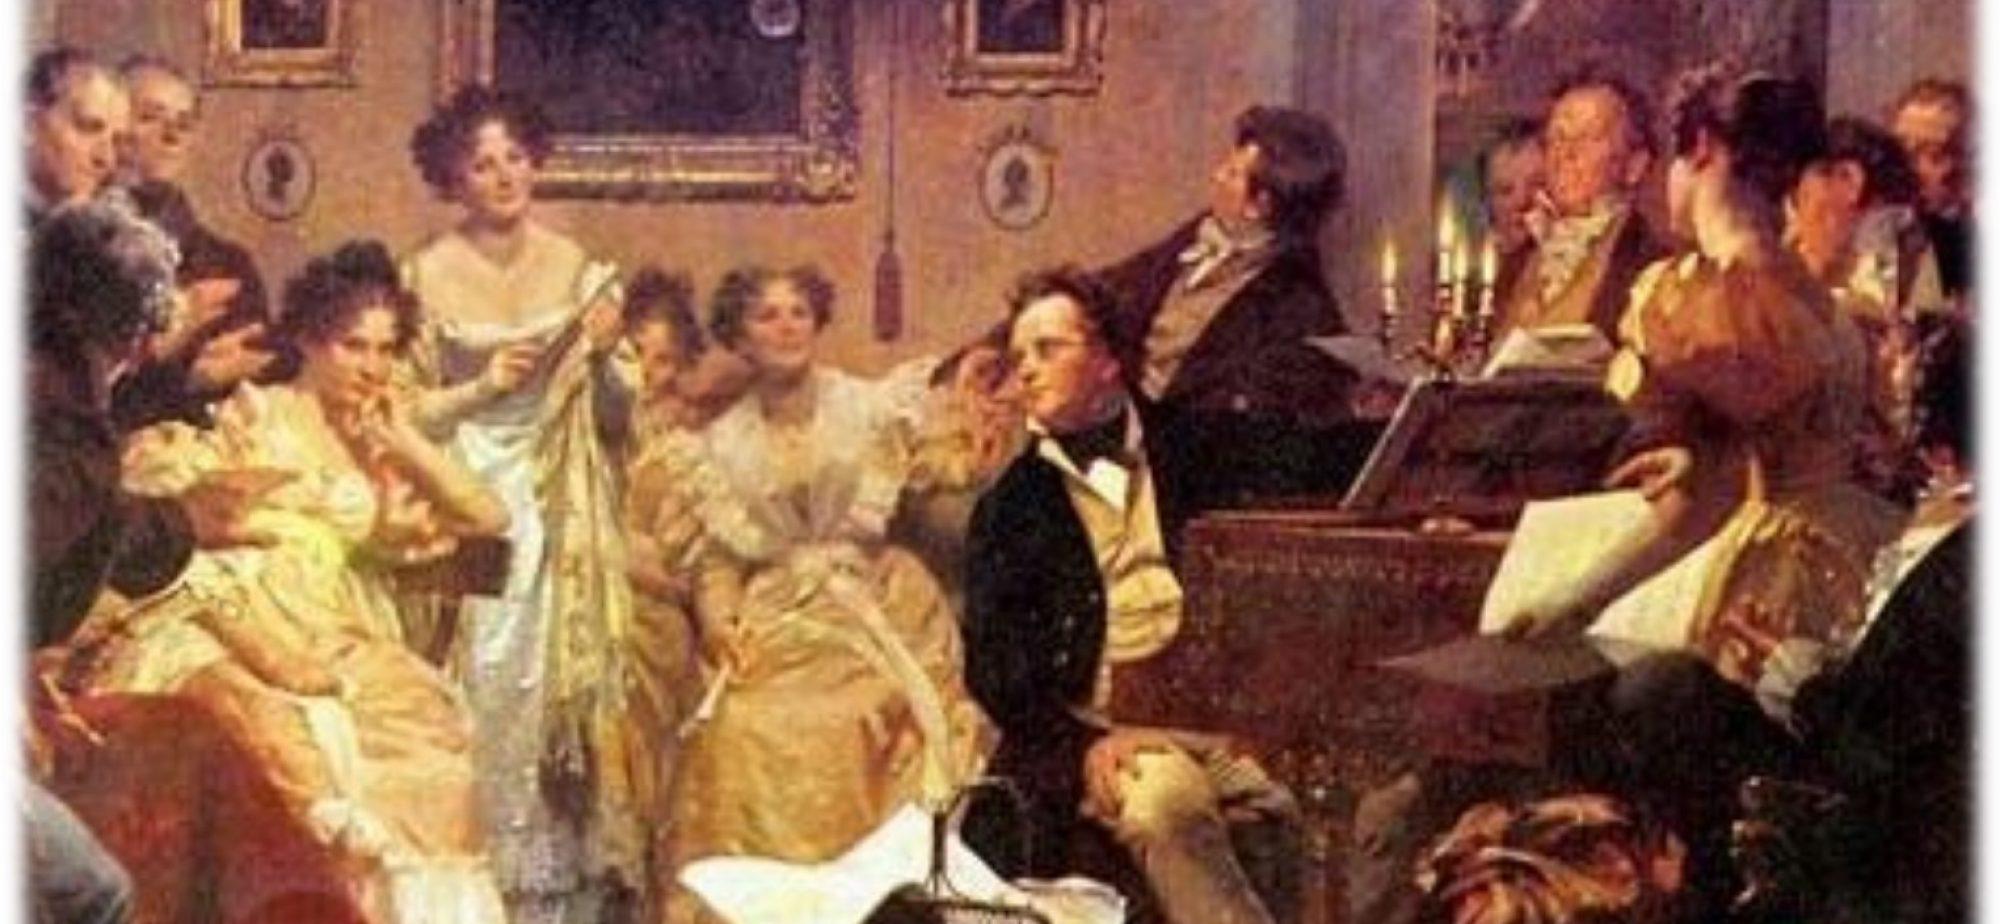 Musica In Salotto.Conferenze Forli Il Salotto Musicale Dell 800 Auser Forli